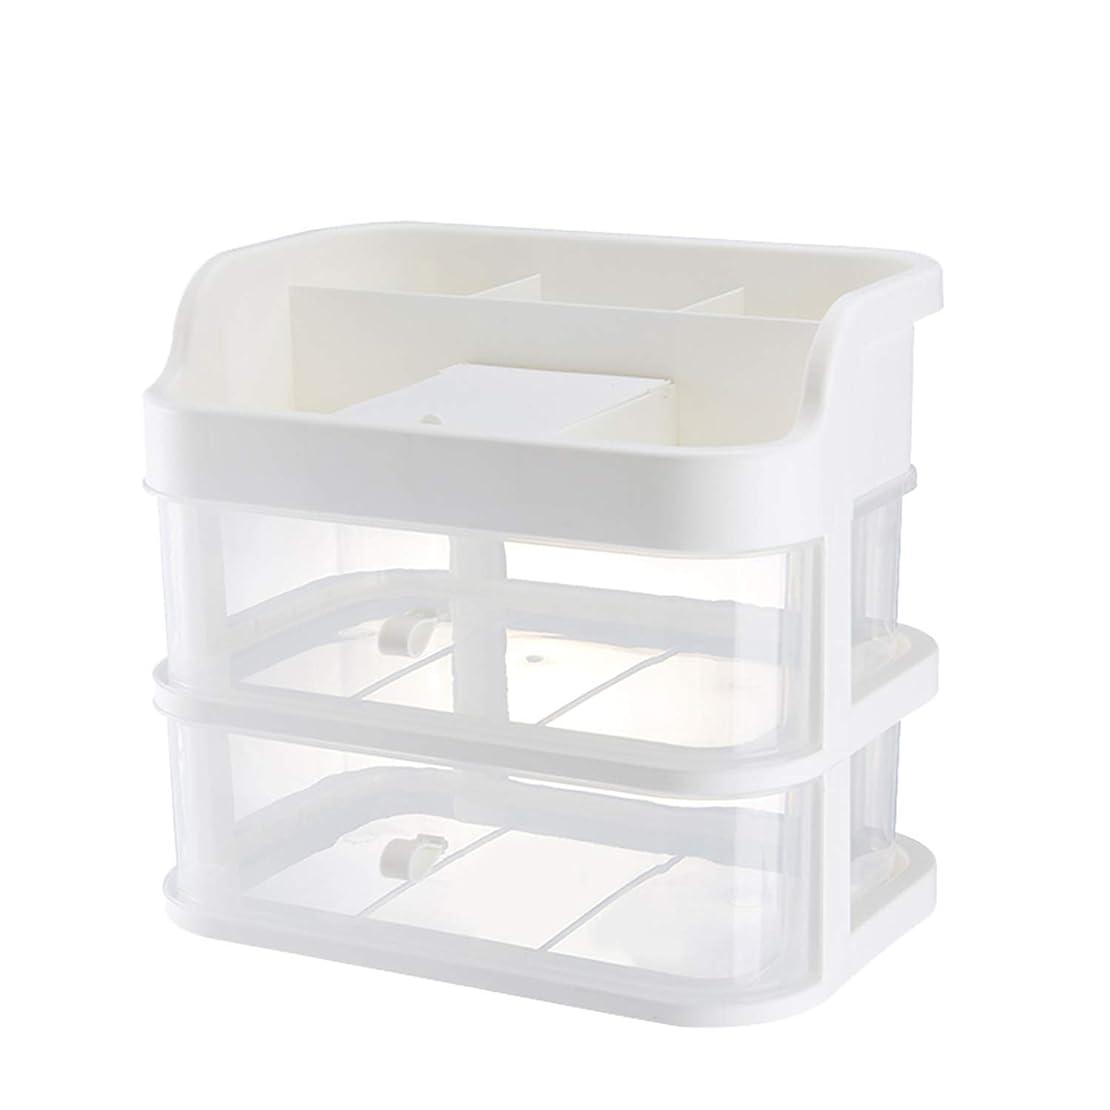 教育者非アクティブ戸惑うMOGU(JP)化粧品収納ラック 透明化粧品ケース 鏡 メイクボックス 大容量 2-4段 強い耐久性 44